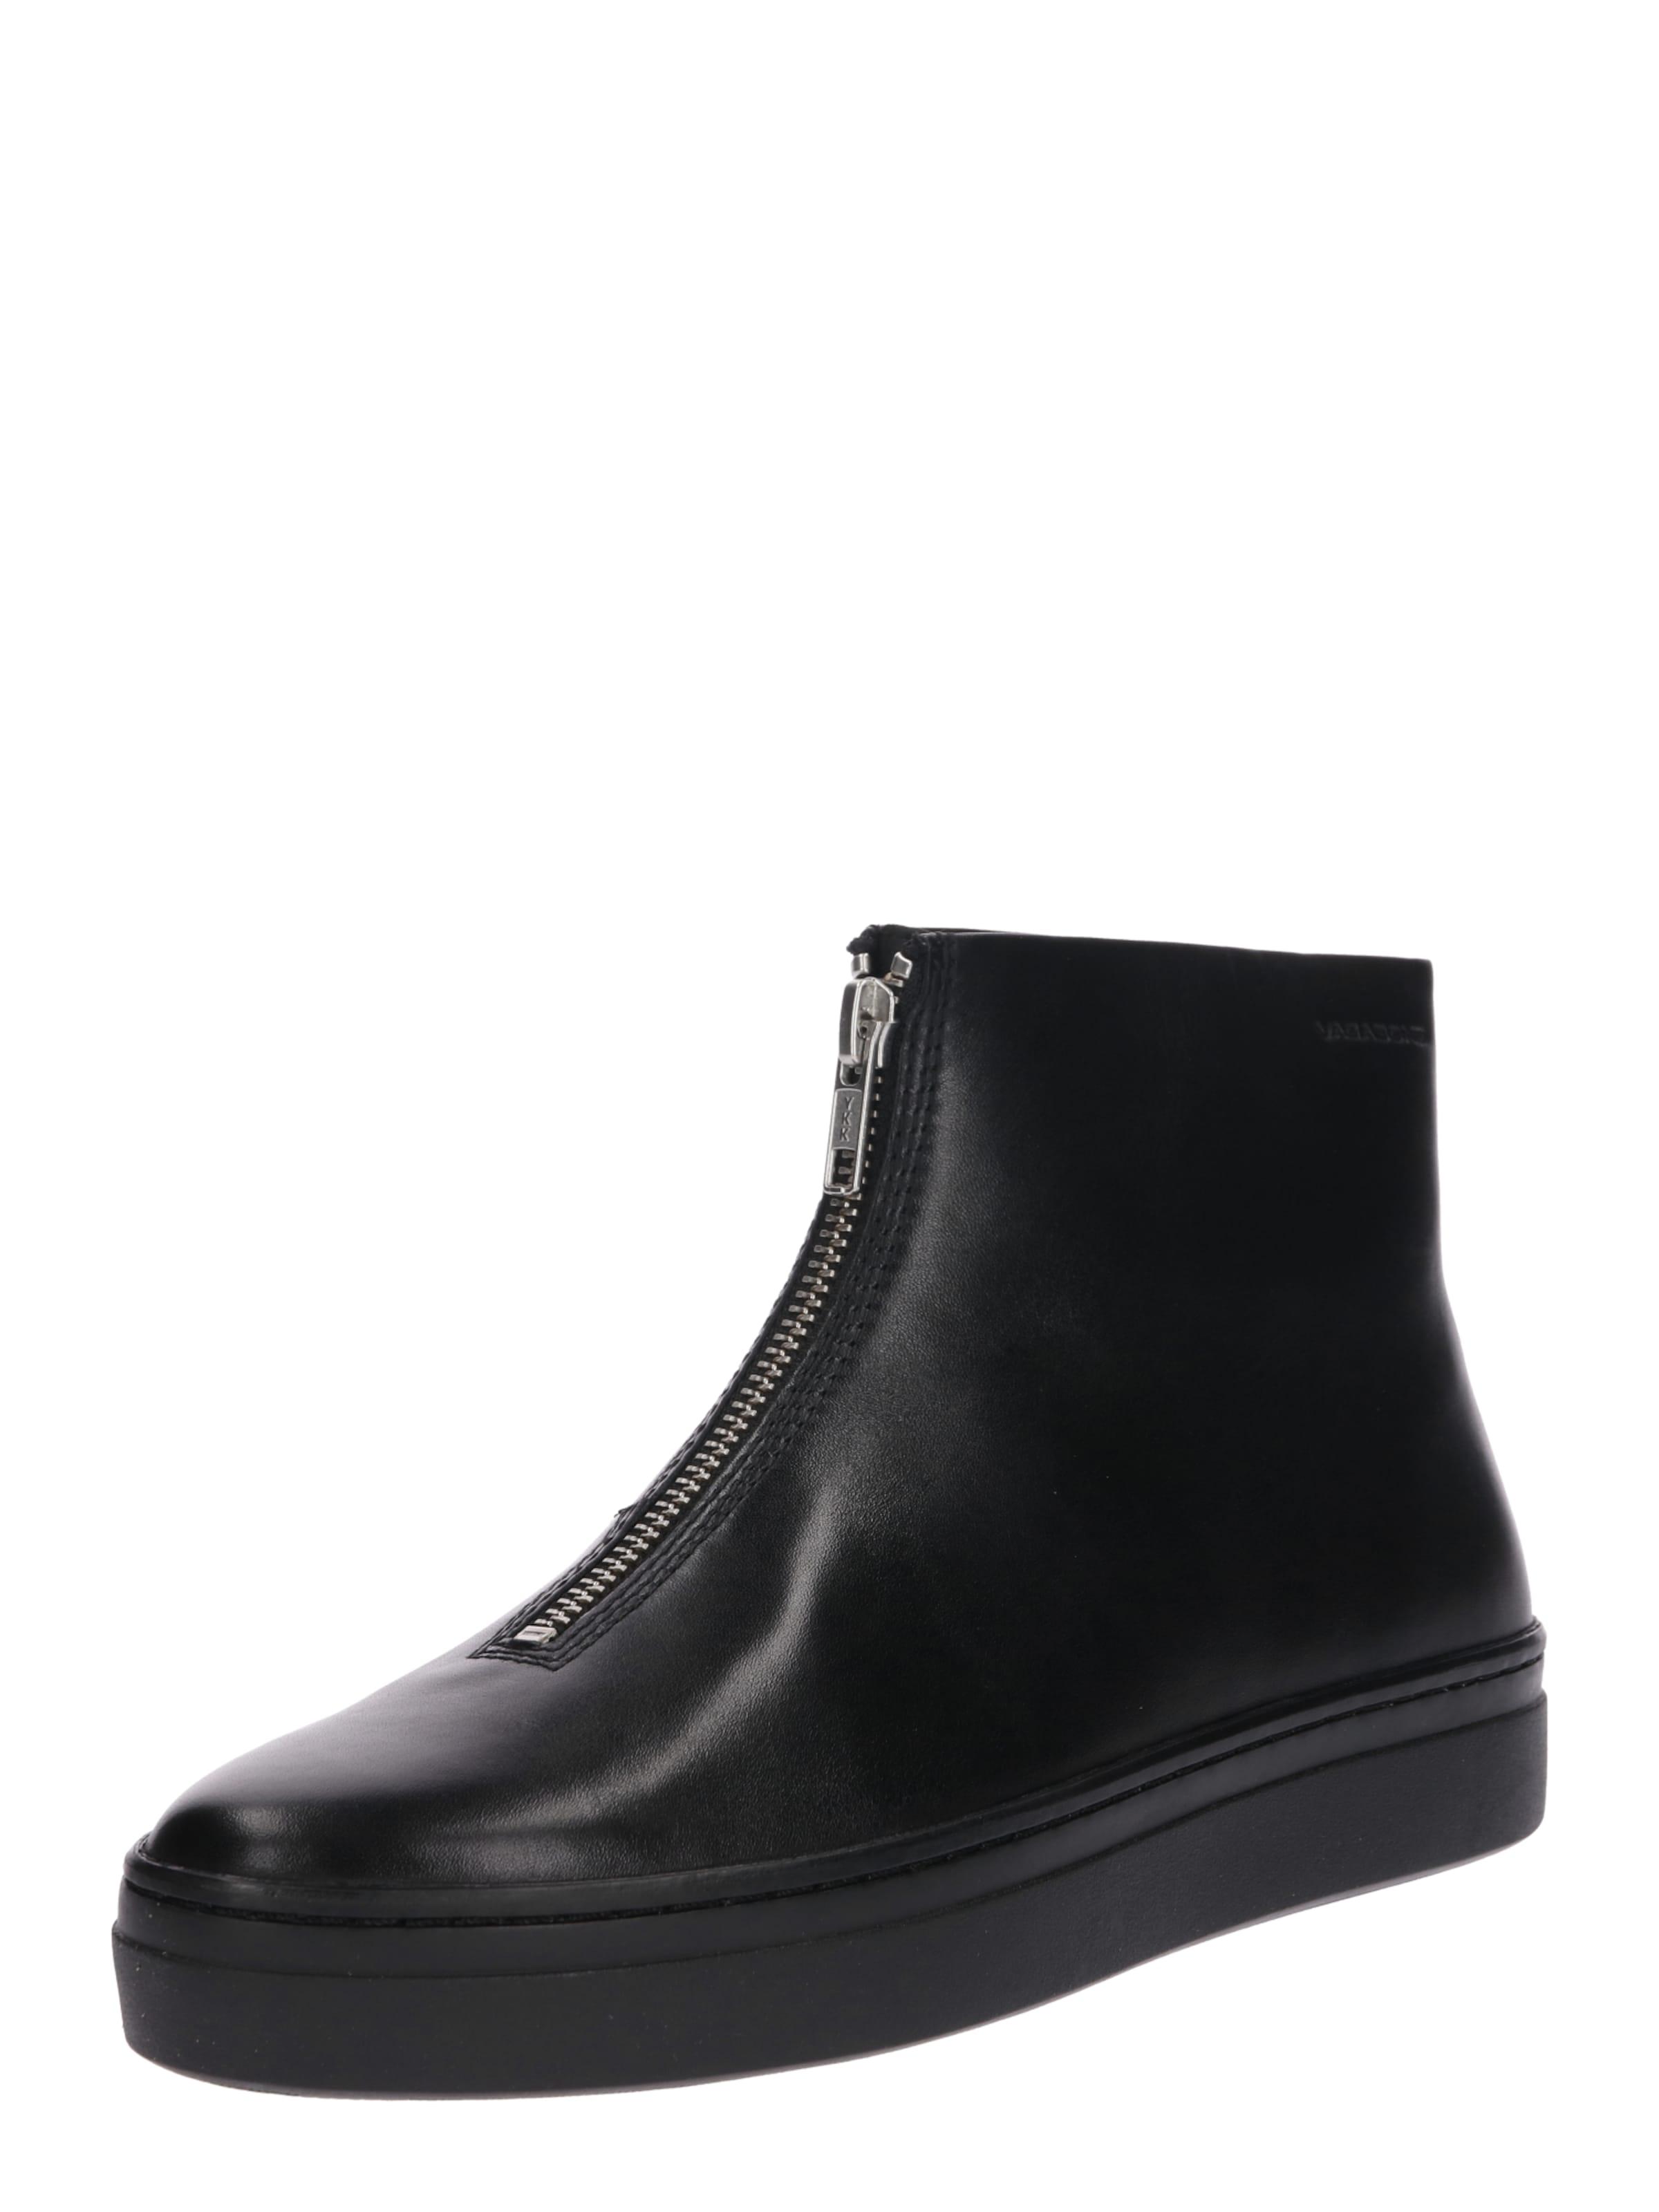 VAGABOND SHOEMAKERS Stiefelette Camille Verschleißfeste billige Schuhe